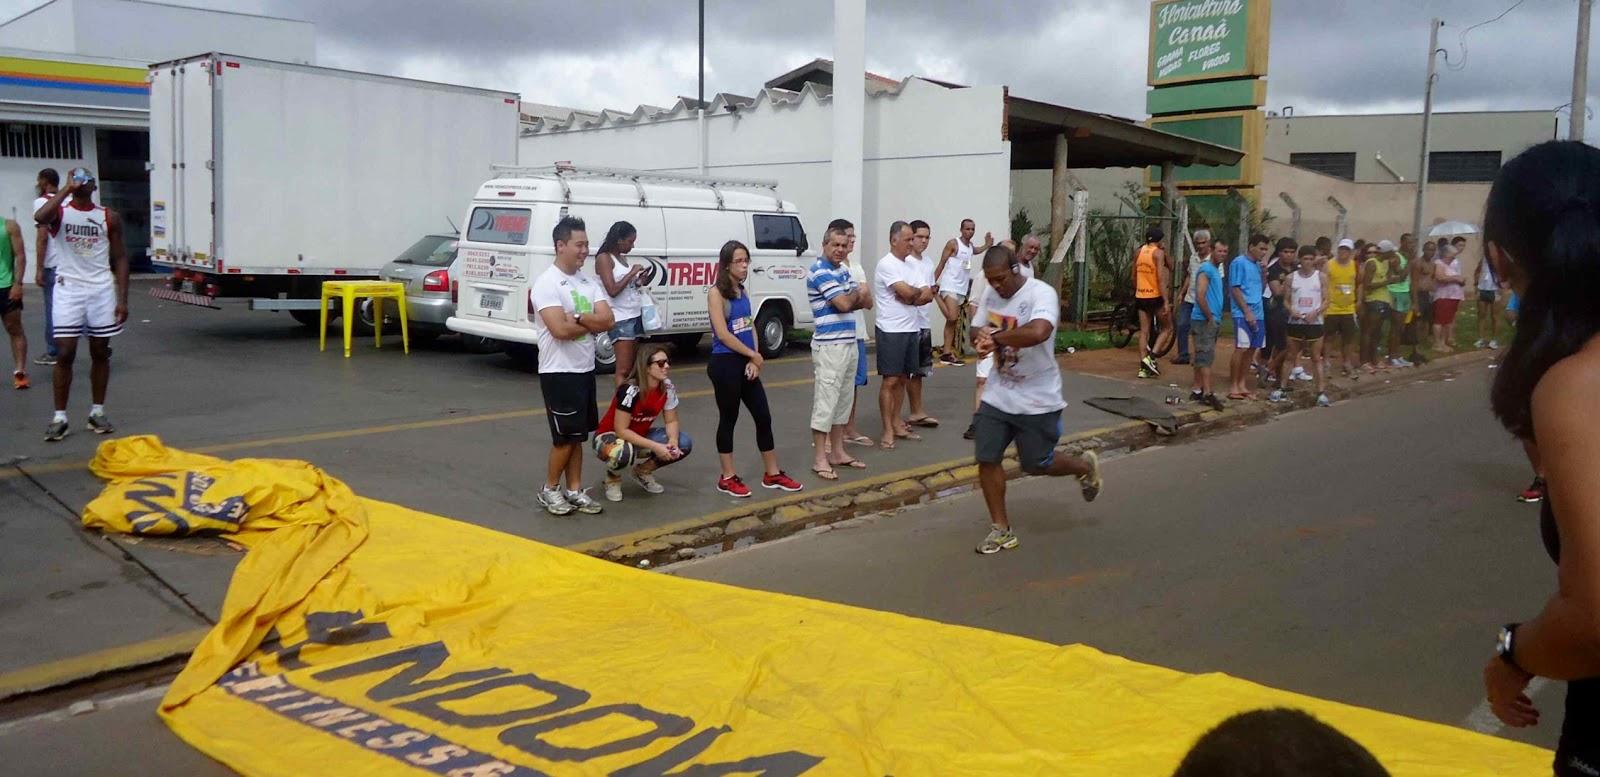 Foto 171 da 1ª Corrida Av. dos Coqueiros em Barretos-SP 14/04/2013 – Atletas cruzando a linha de chegada